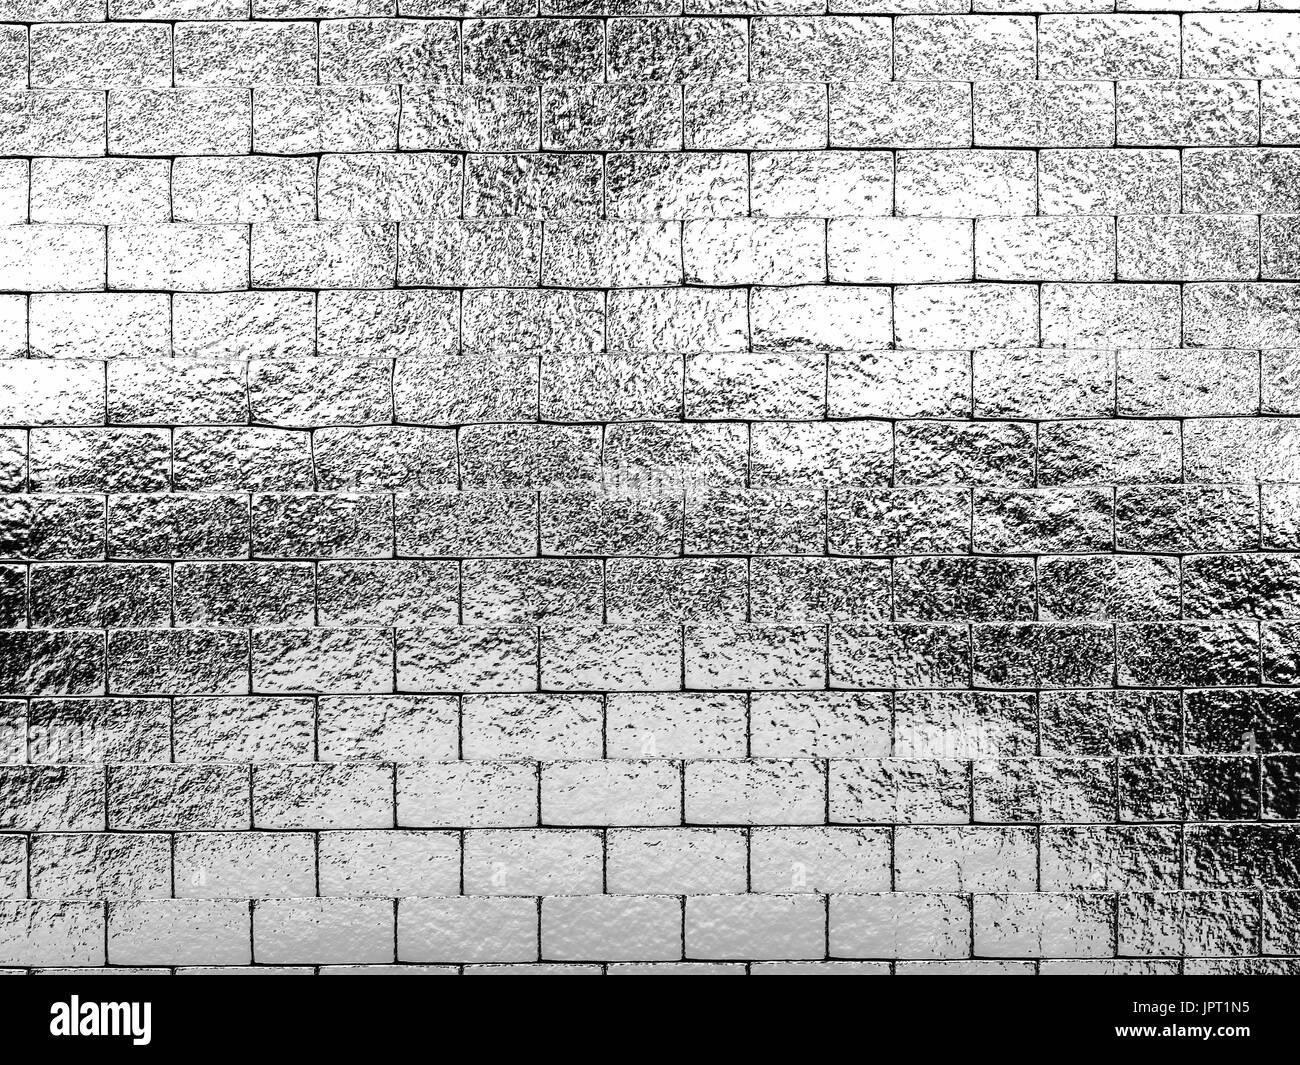 3D rendering plateado brillante de fondo de pared Imagen De Stock